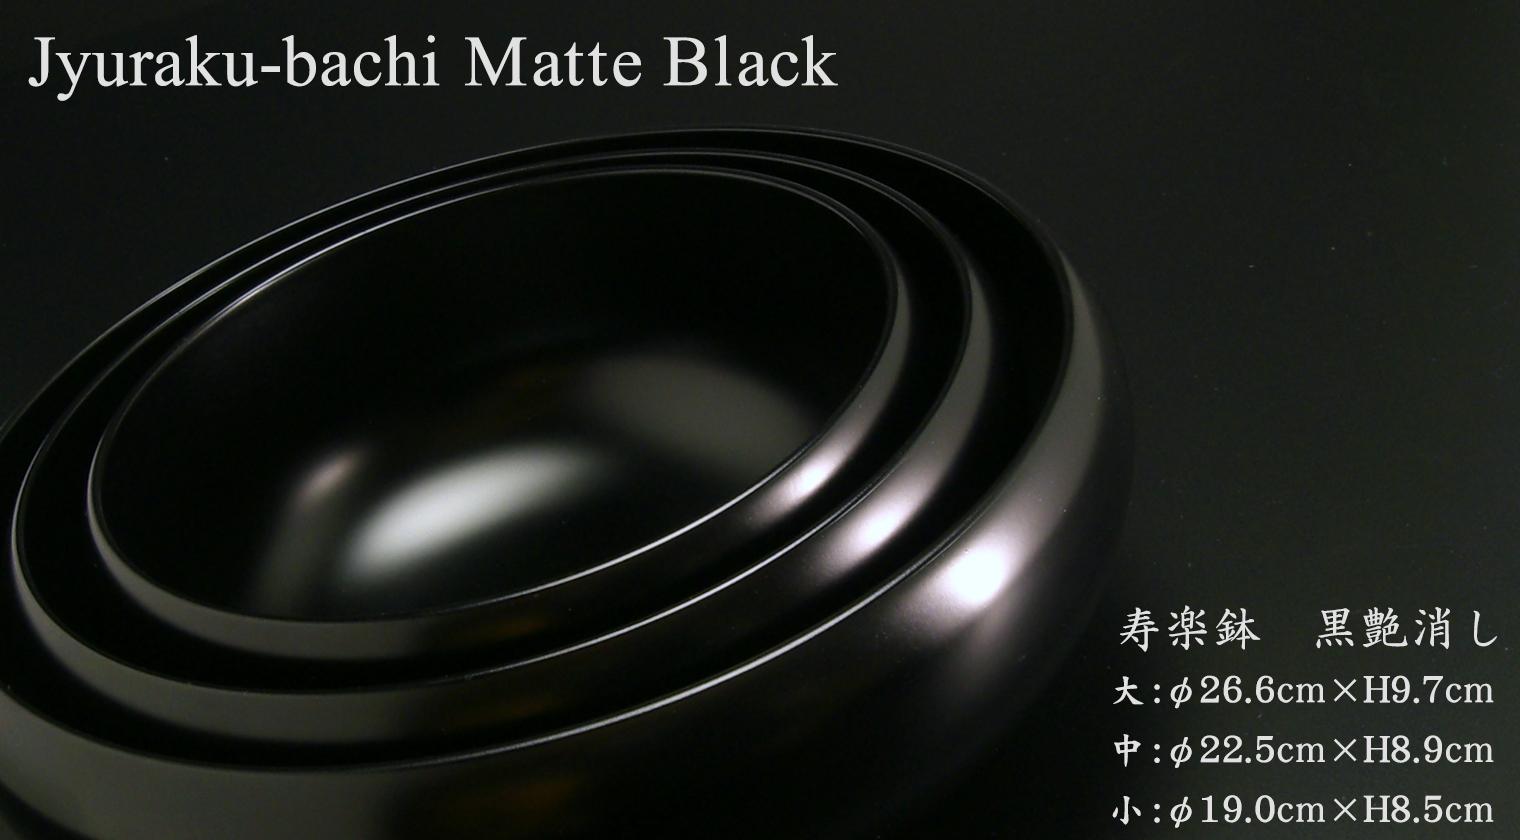 寿楽鉢 黒艶消し